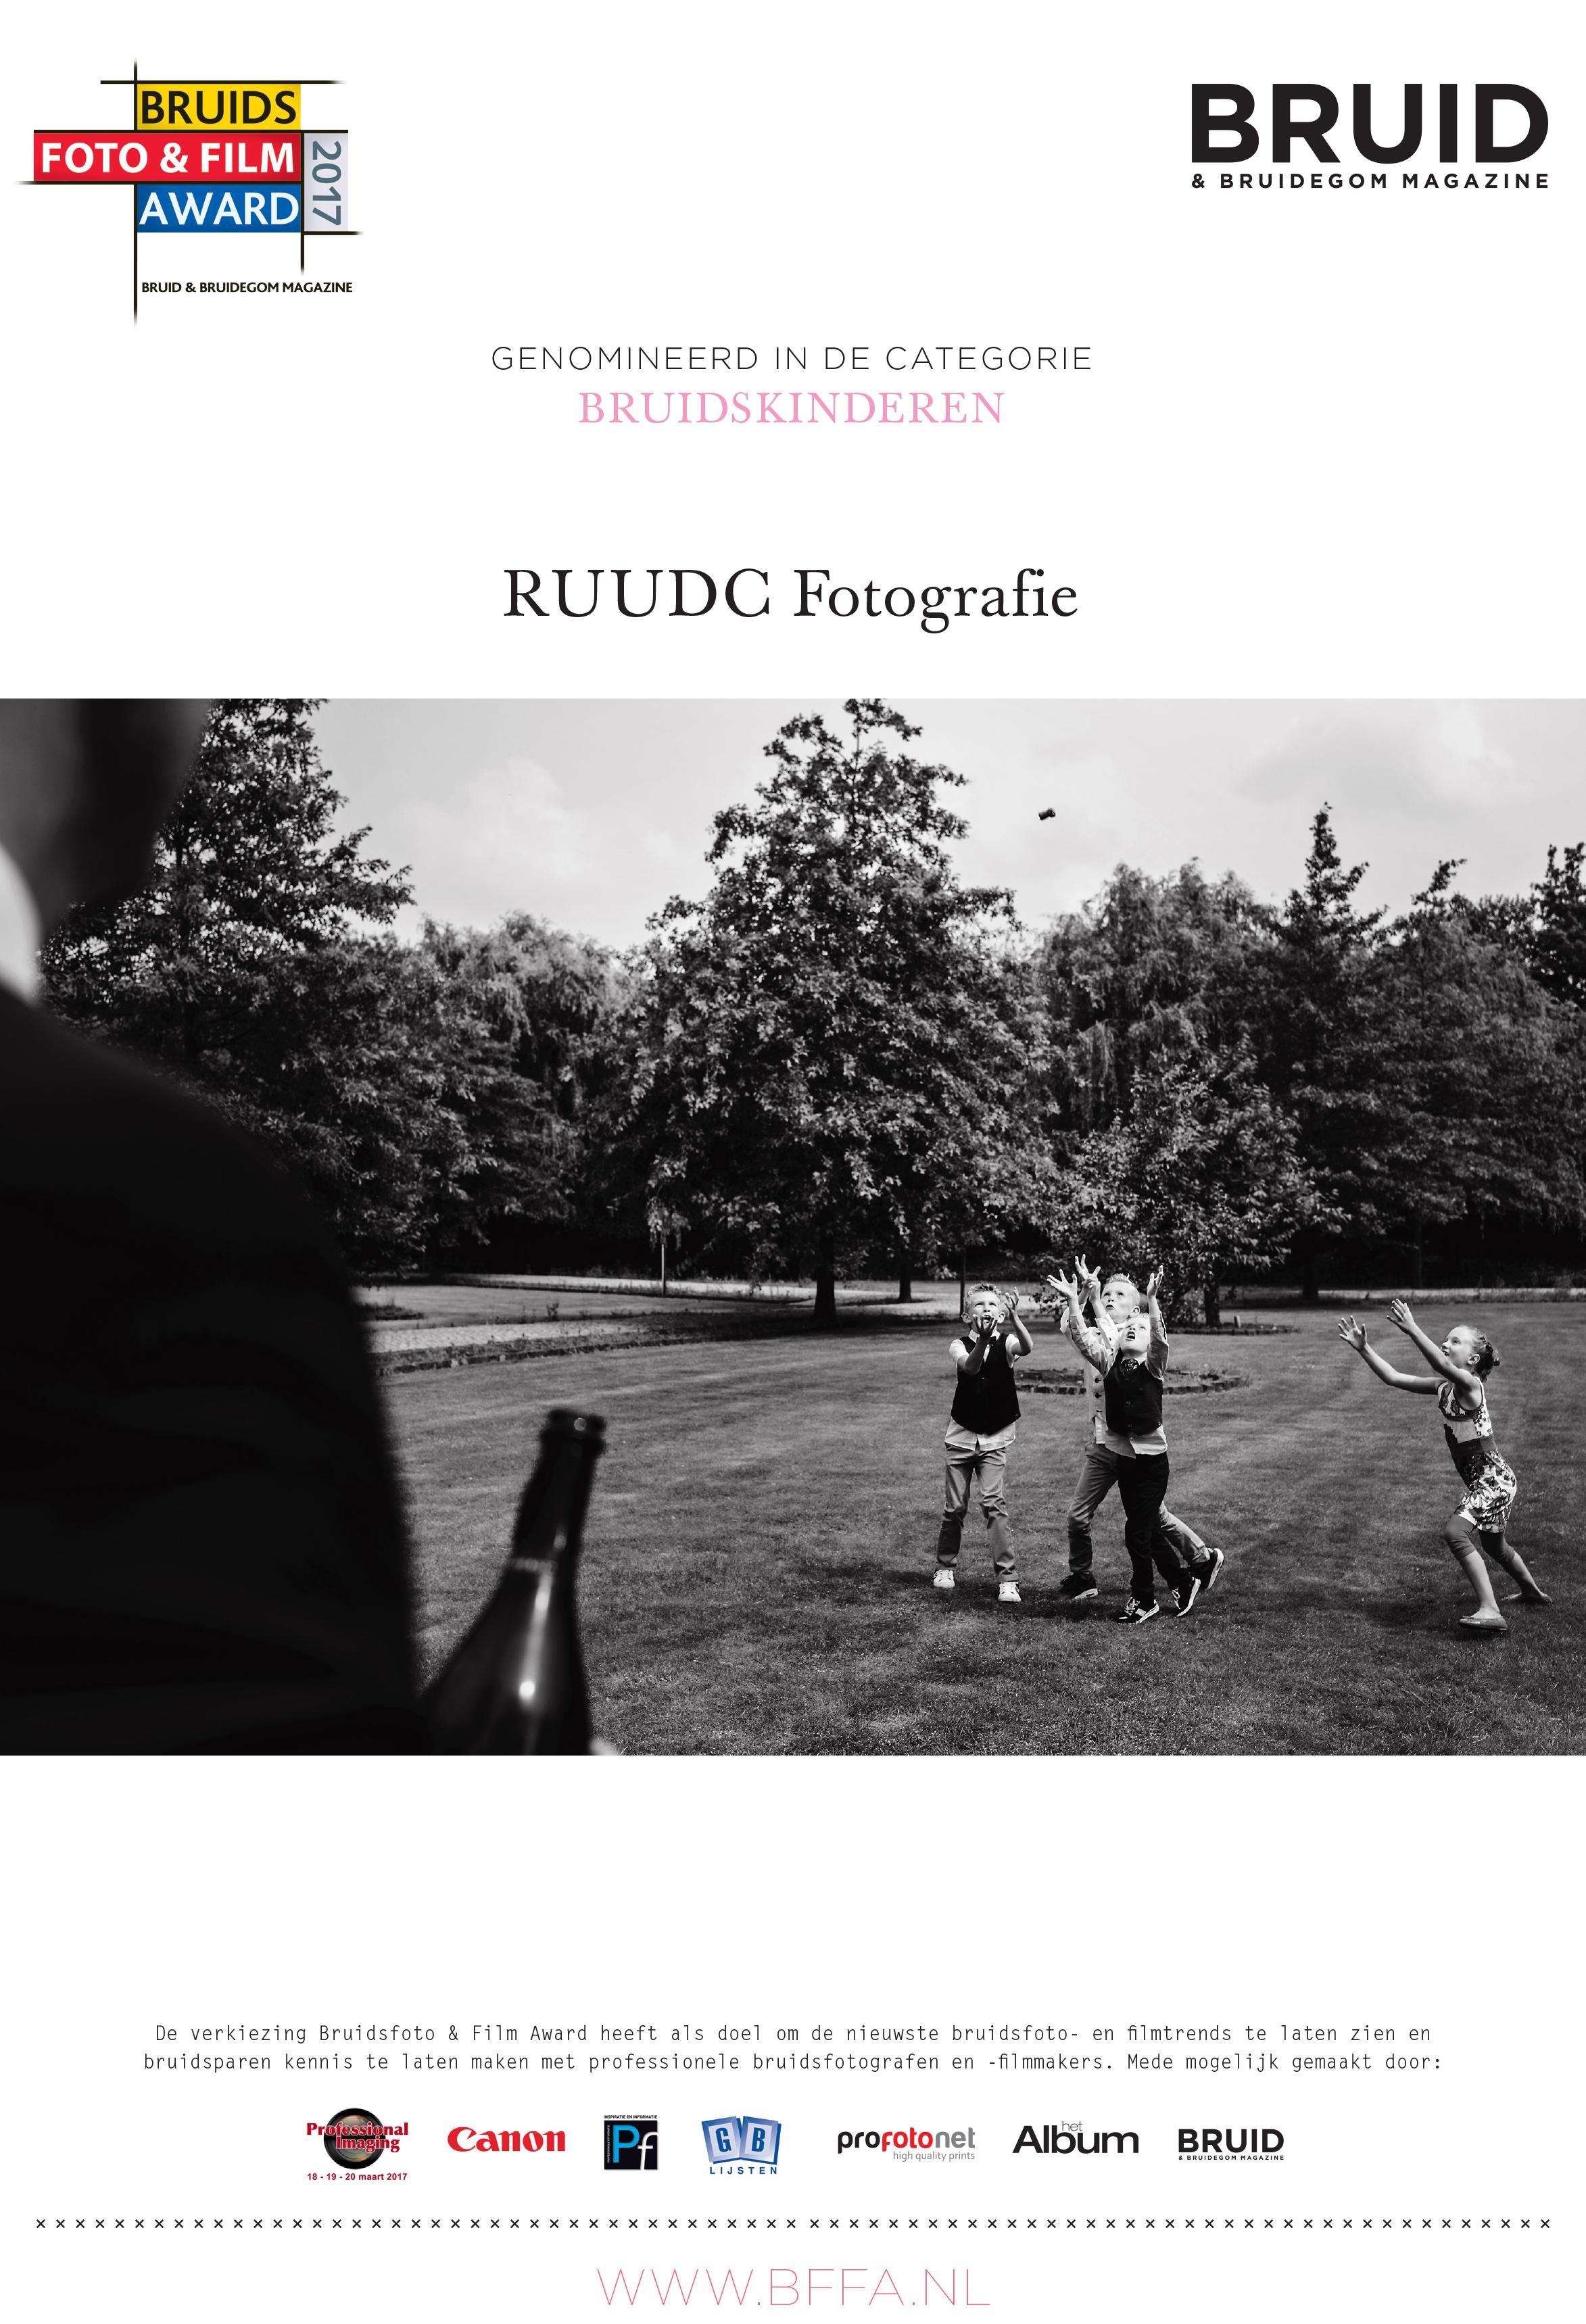 RUUDC Fotografie, RUUDC, BFFA oorkondes 2017_4 Bruidskinderen__RUUDC bruidsfoto award, bruidsfotografie award, bffa, bfa, ruudc, fearless award, masters, masters of dutch wedding photography, trouwfotografie prijs, bruidsfotograaf, bruidsfotografie, roermond, limburg, nederland, hip, trendy, romantiek, romantisch, journalistiek, documentair, bohemian, tarieven, trouwfotograaf, trouwfotografie, bruidsreportage, bruidsreportages, fotograaf bruiloft, fotograaf bruiloften, bruidsfotograaf, bruidsfotografie, hip, trendy, romantiek, journalistiek, bohemian, tarieven, kosten, prijs, prijslijst, destination weddings, trouwen in het buitenland, buitenland, wat kost een bruidsfotograaf, trouwfotograaf, trouwfotografie, fotograaf bruiloft, prijzen, destination weddings, destination wedding fotograaf, fotograaf buitenland, trouwen in het buitenland